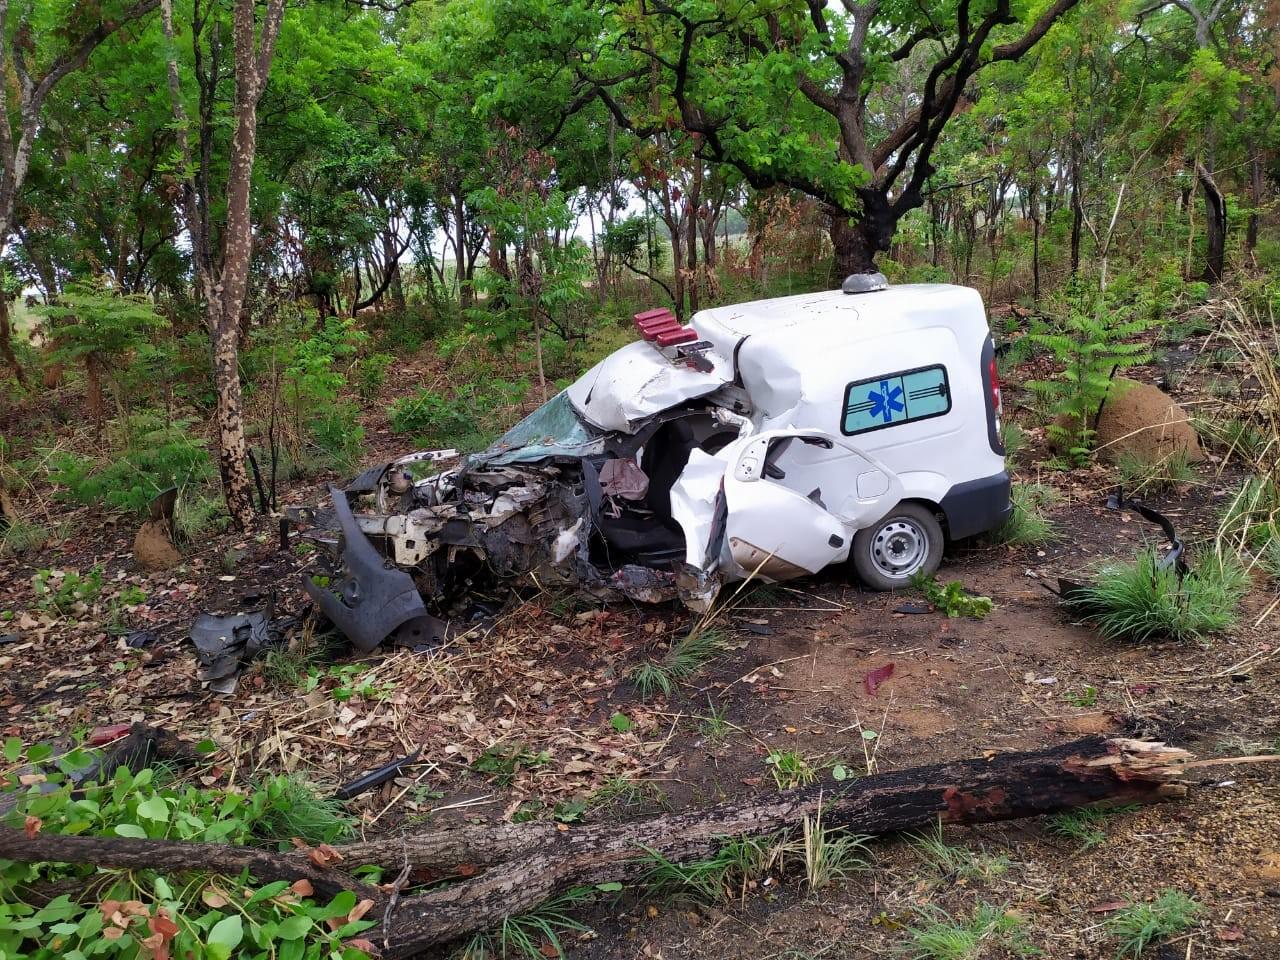 Motorista de ambulância fica ferido em acidente na BR-365, em Pirapora